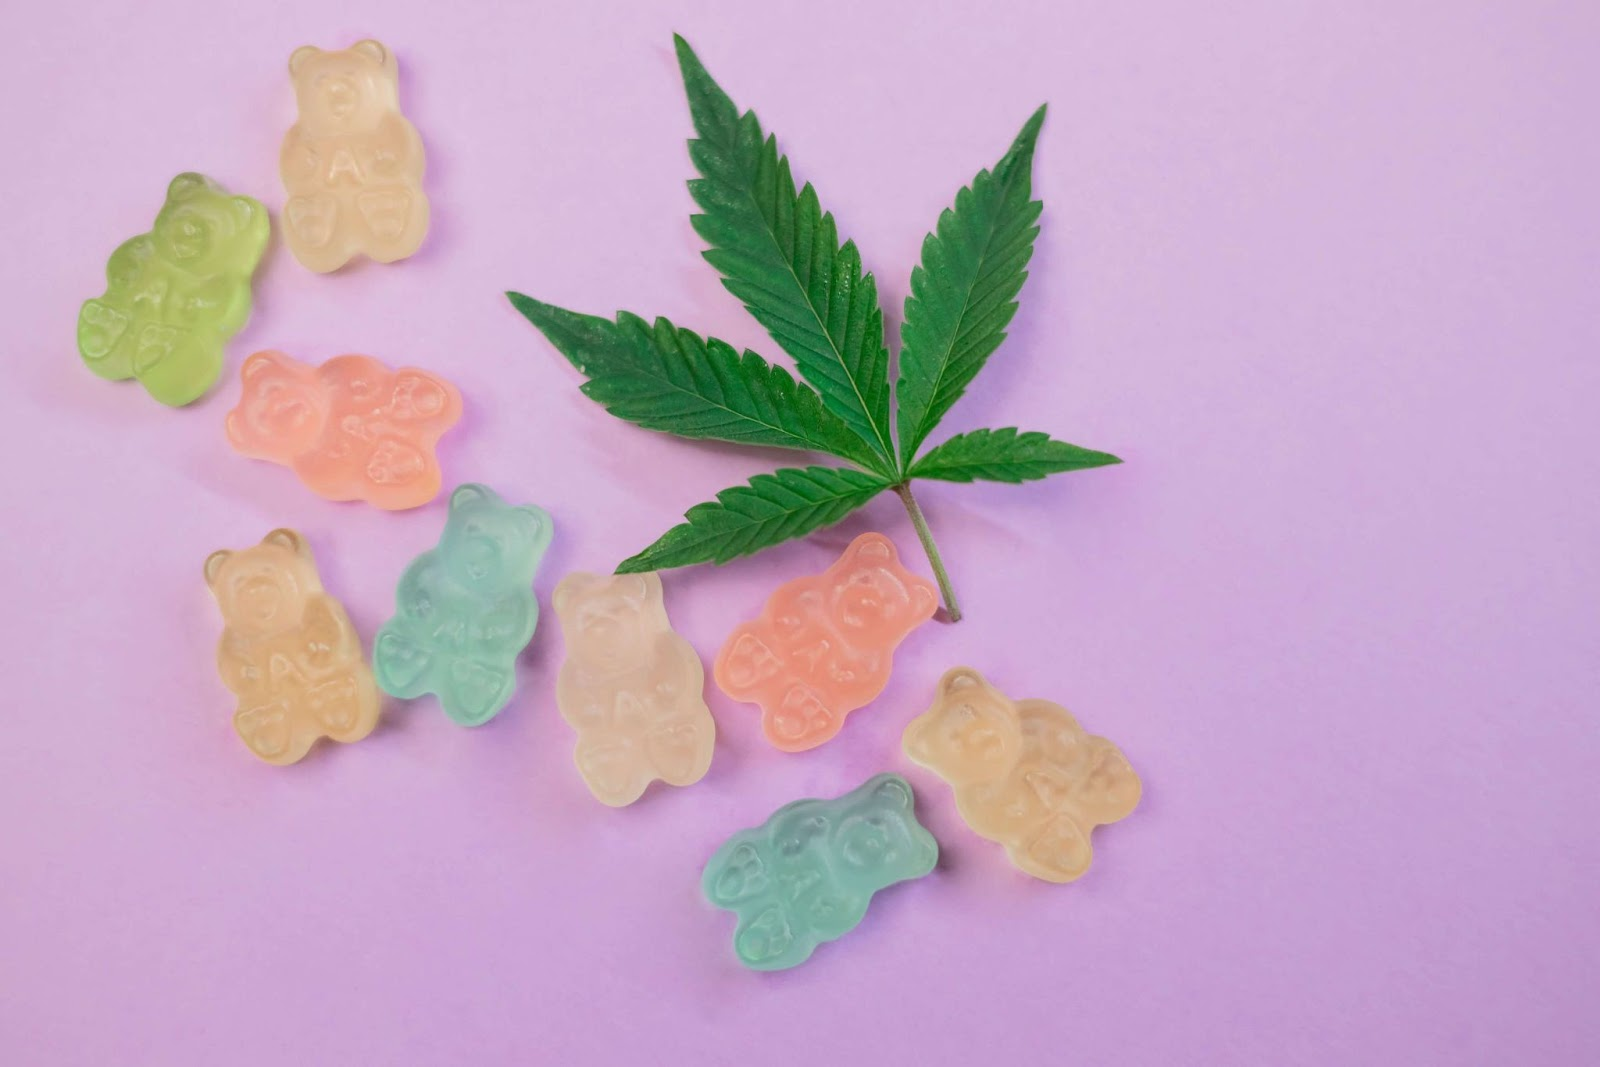 A group of gummy bears next to a marijuana leaf on a purple background